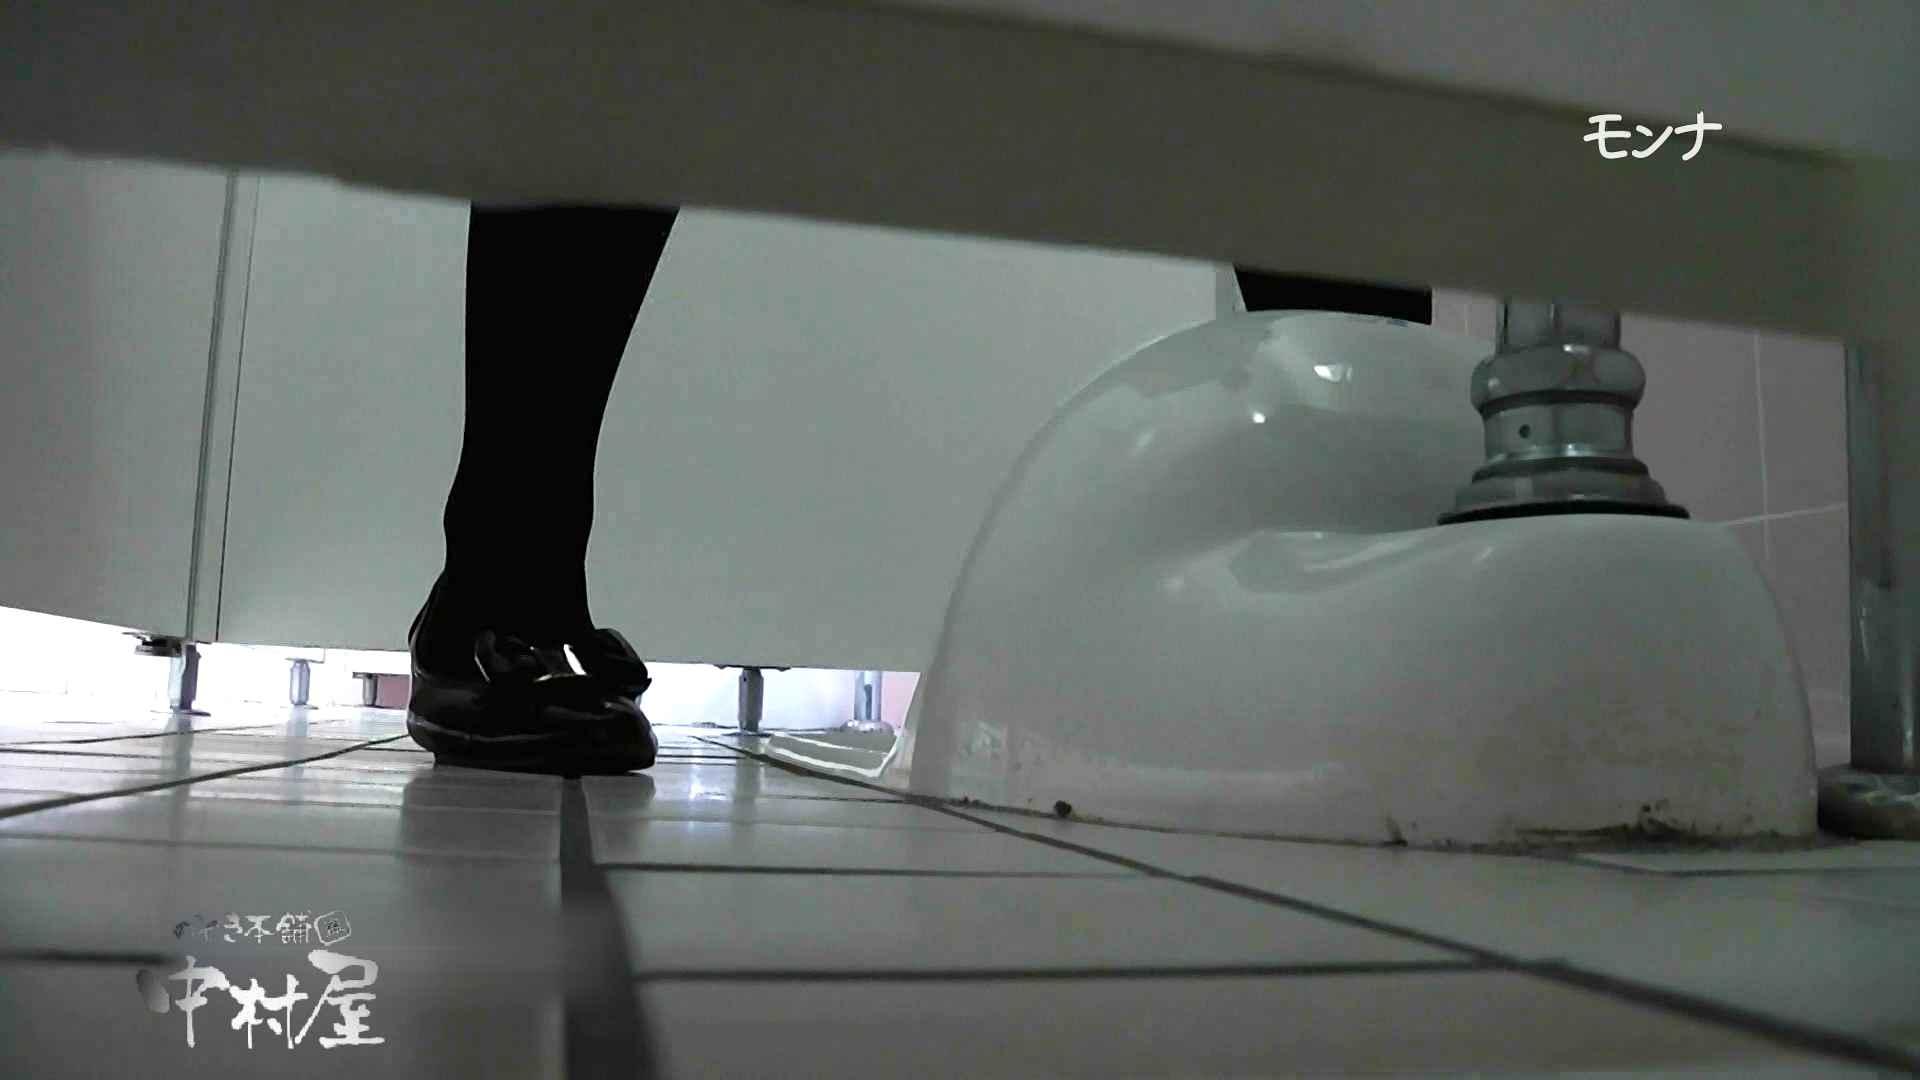 【美しい日本の未来】遂に!!戸田恵梨香似の予告モデル登場ダッシュで「大」後編 0  52連発 24